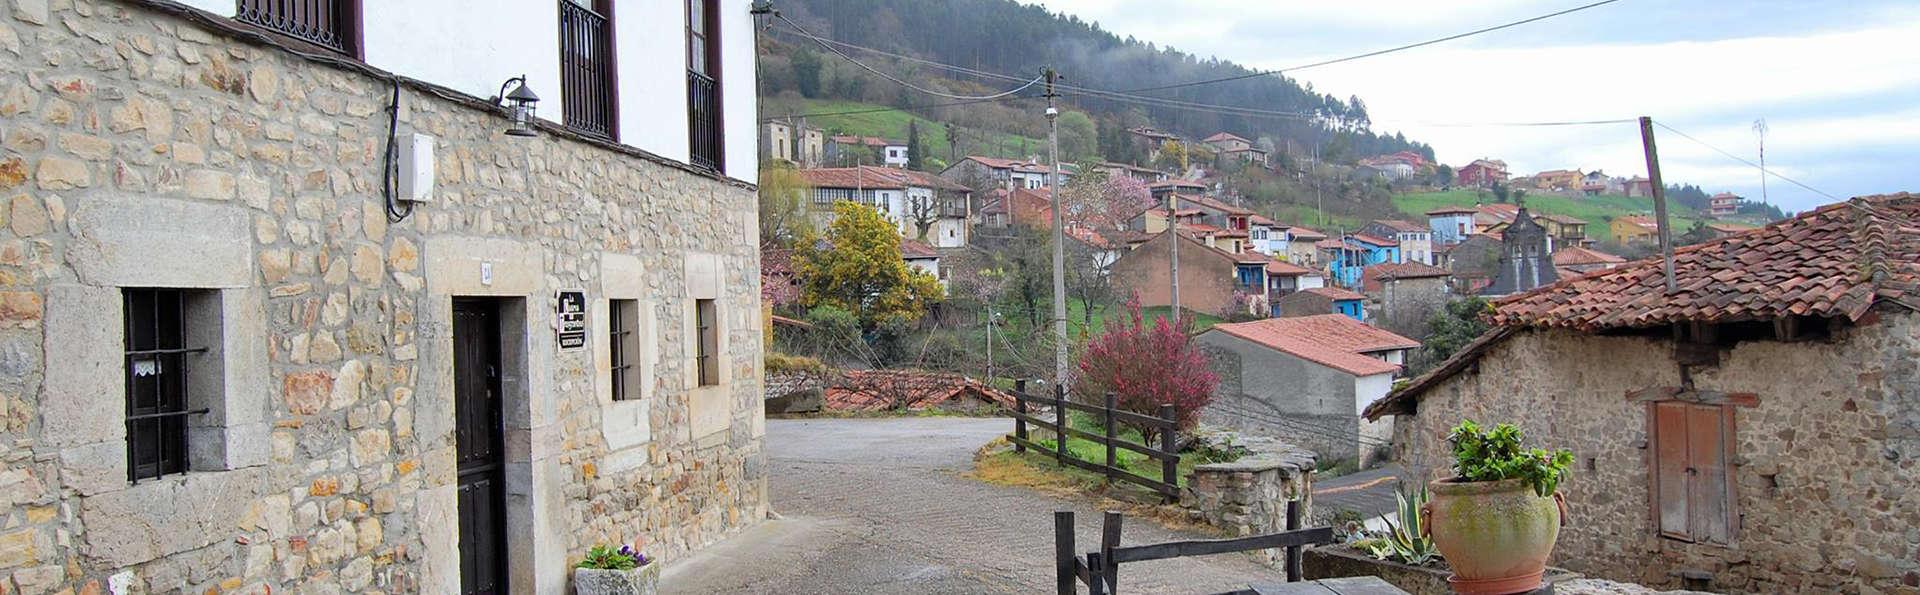 La Casona de Tresgrandas - EDIT_front1.jpg